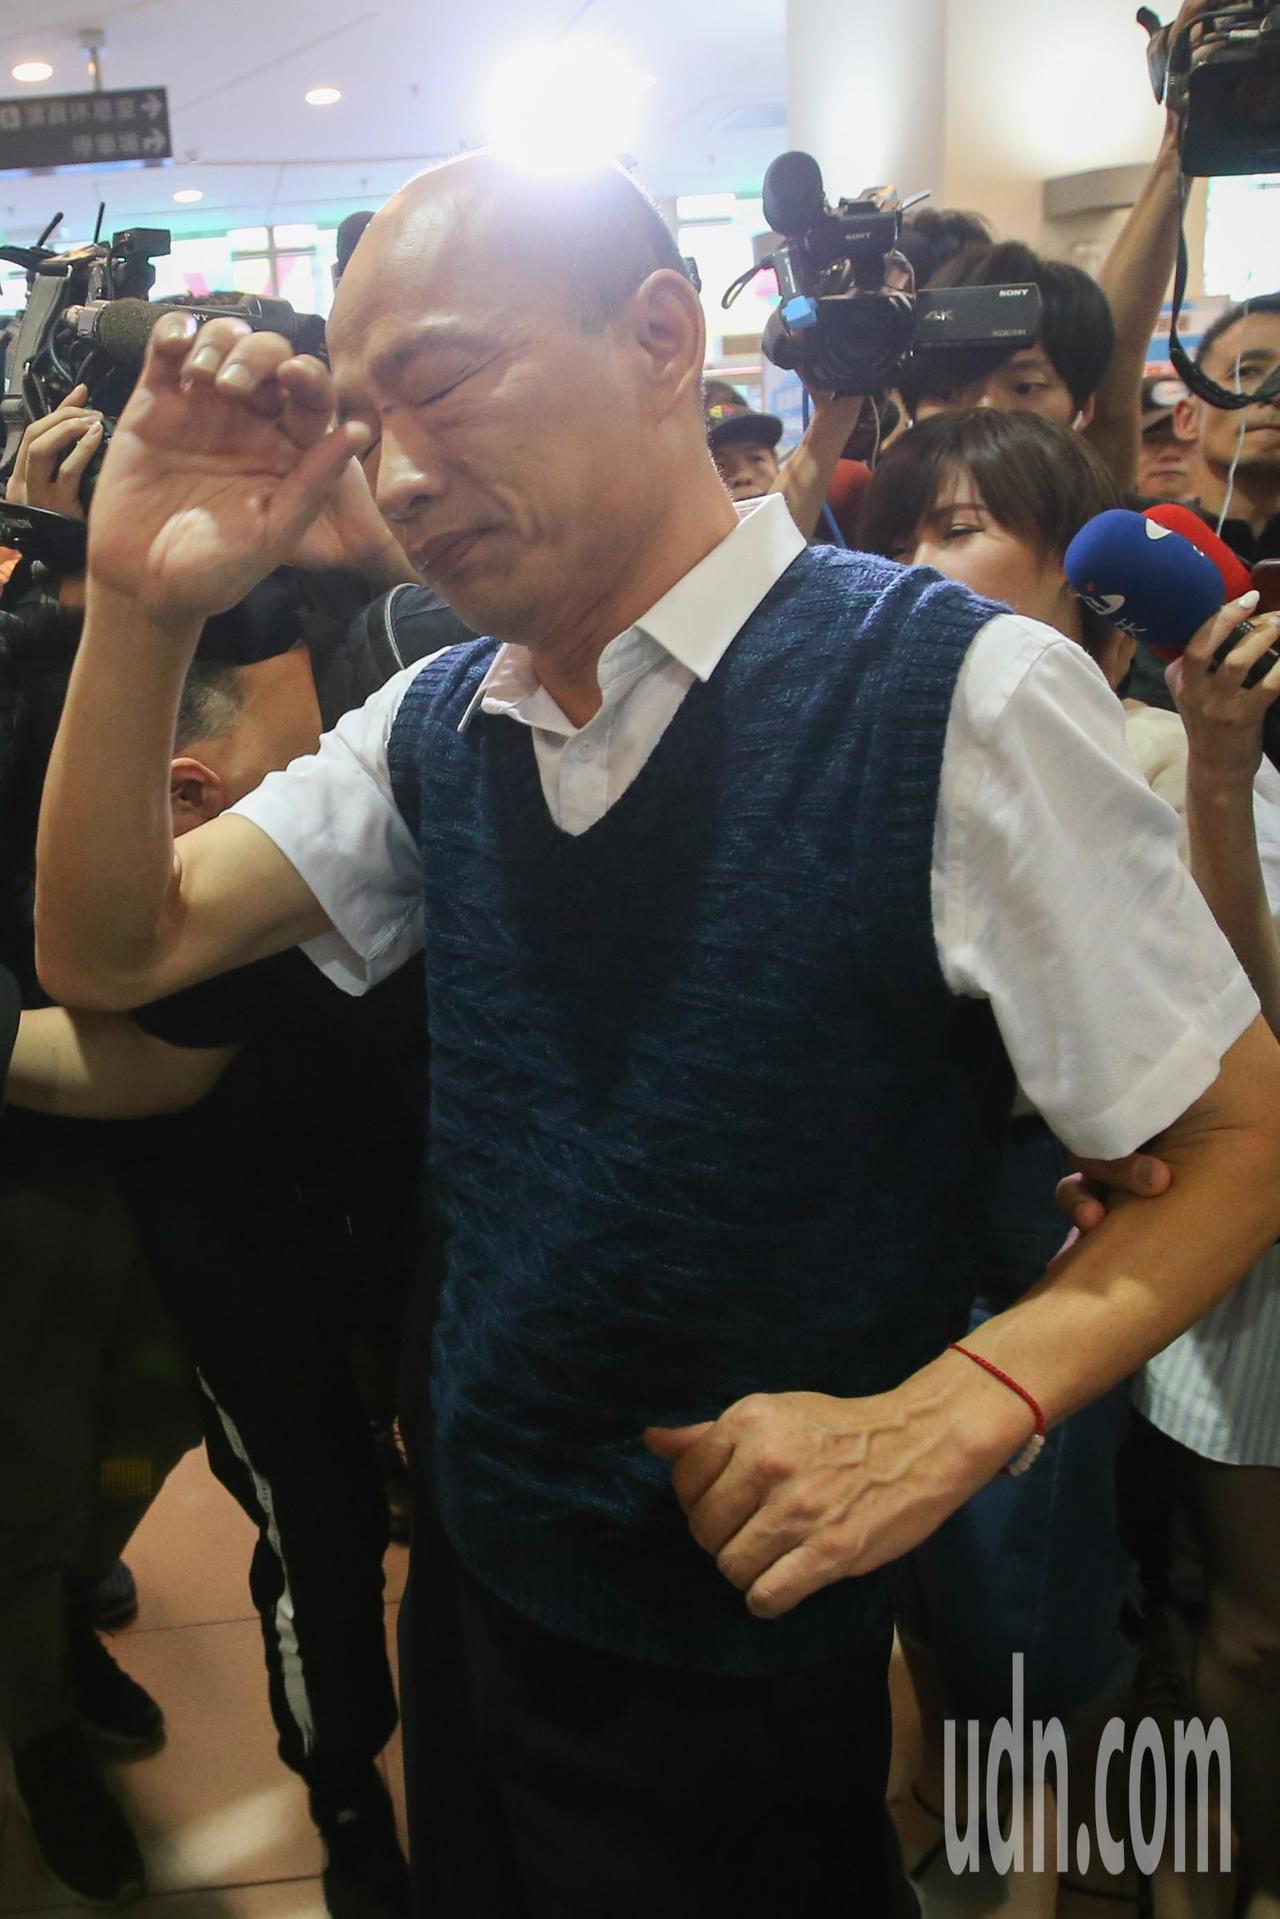 高雄市長韓國瑜下午參加高雄勞工局辦「開薪回高雄」徵才活動,會中參觀各徵才攤販,但...